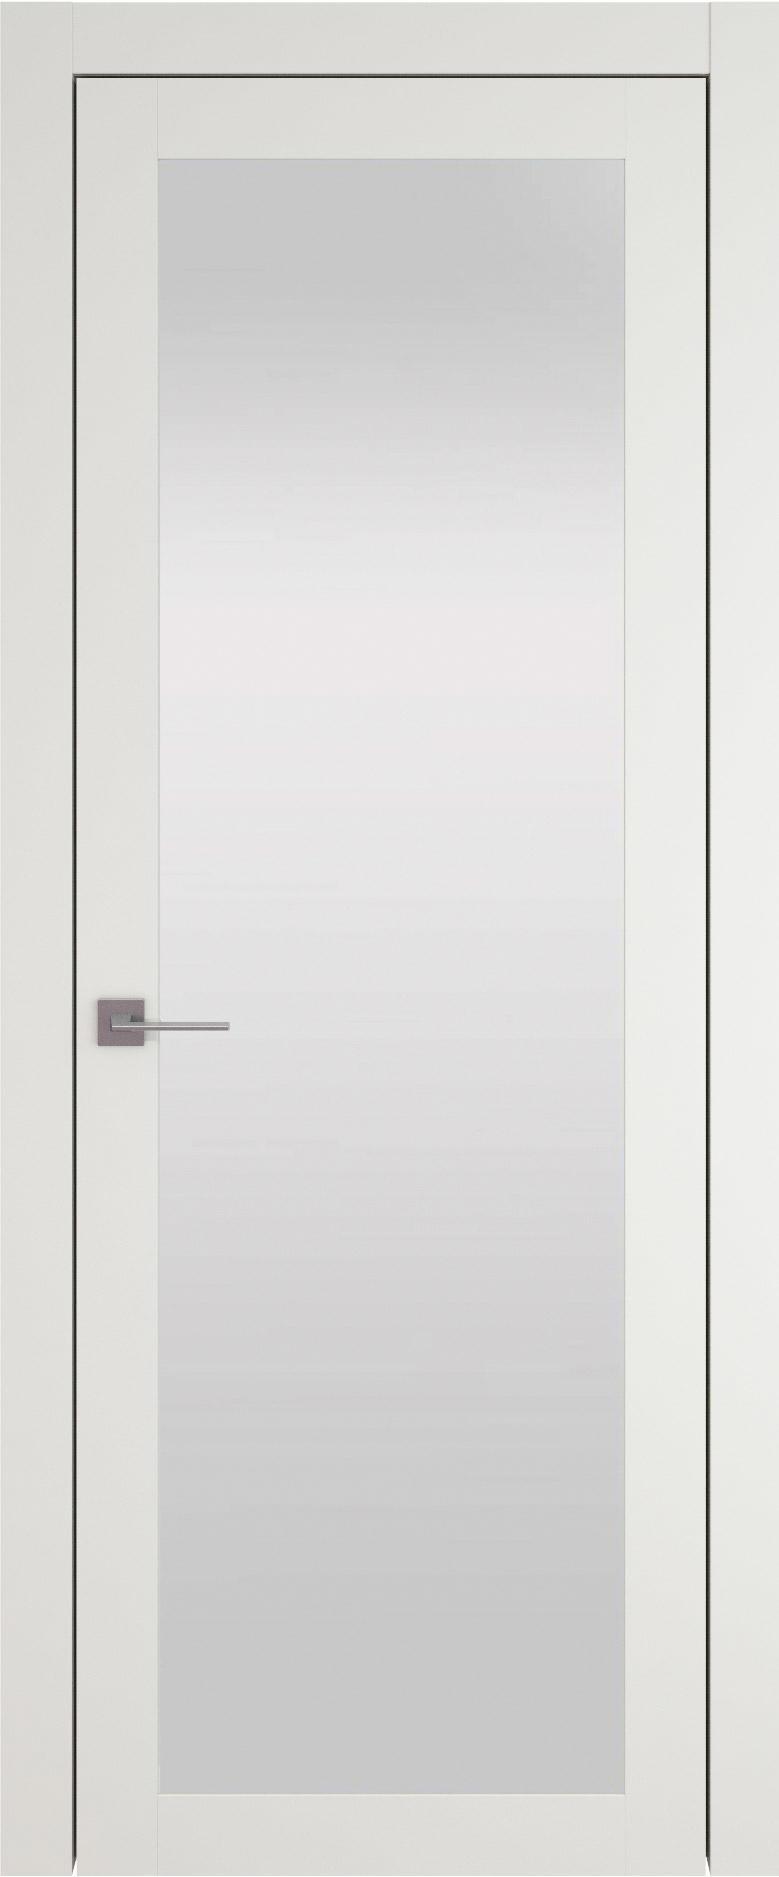 Tivoli З-1 цвет - Бежевая эмаль (RAL 9010) Со стеклом (ДО)